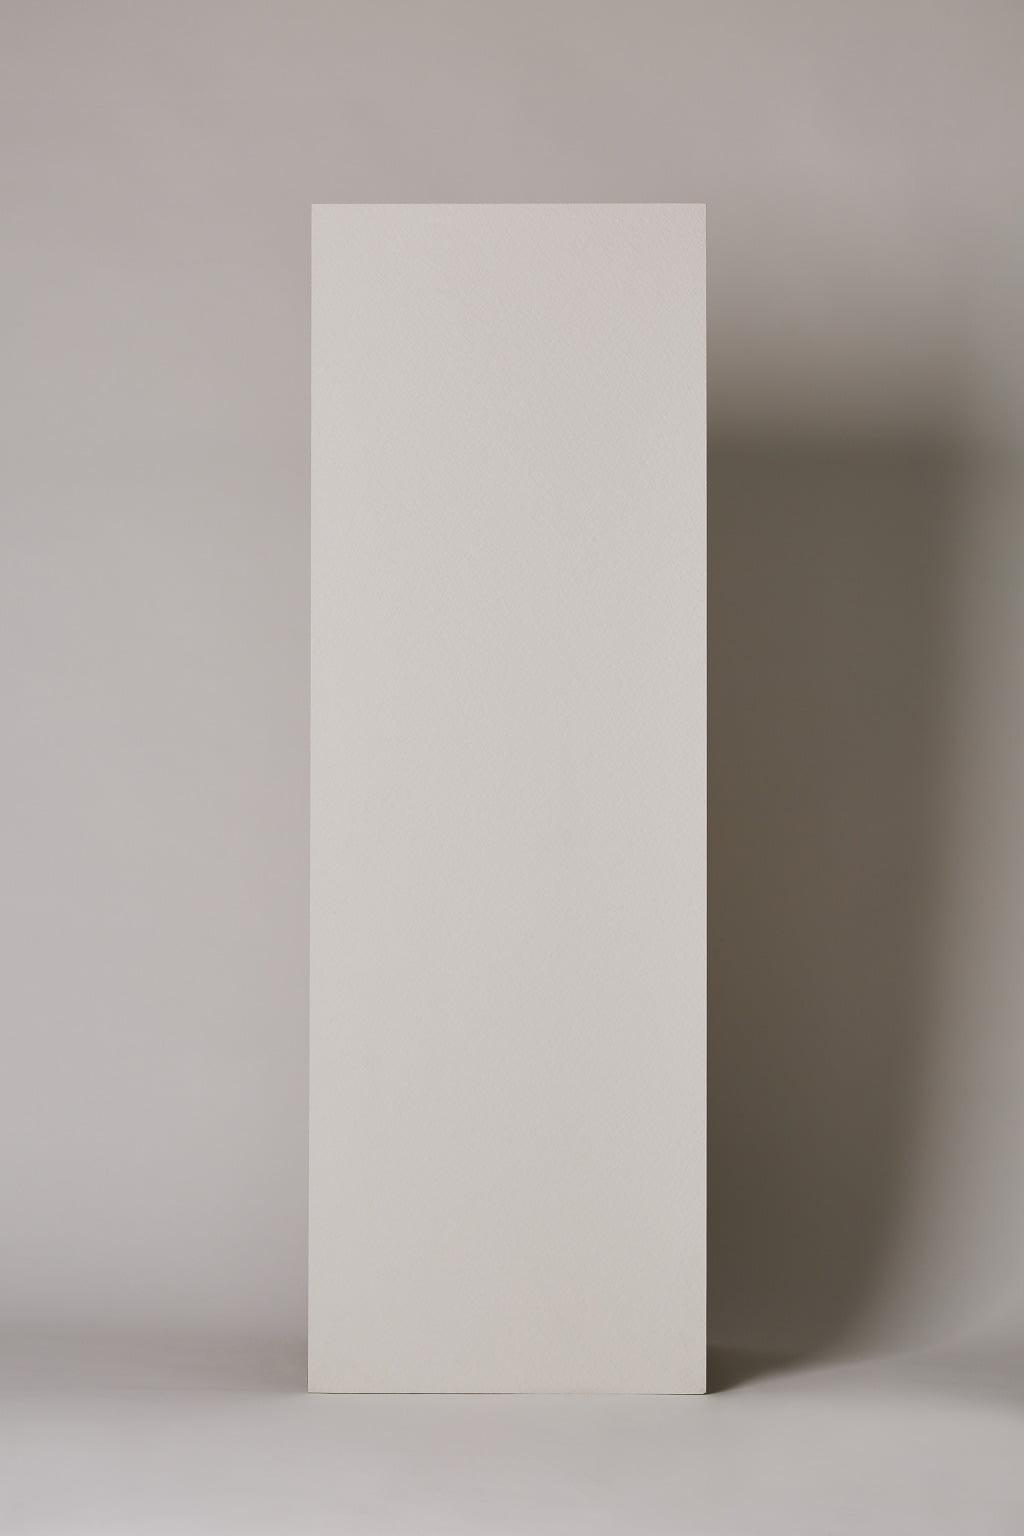 Płytka hiszpańska, gresowa, rektyfikowana, dekoracyjna, matowa, ścienna, rozmiar 40x120cm- Ape Click white